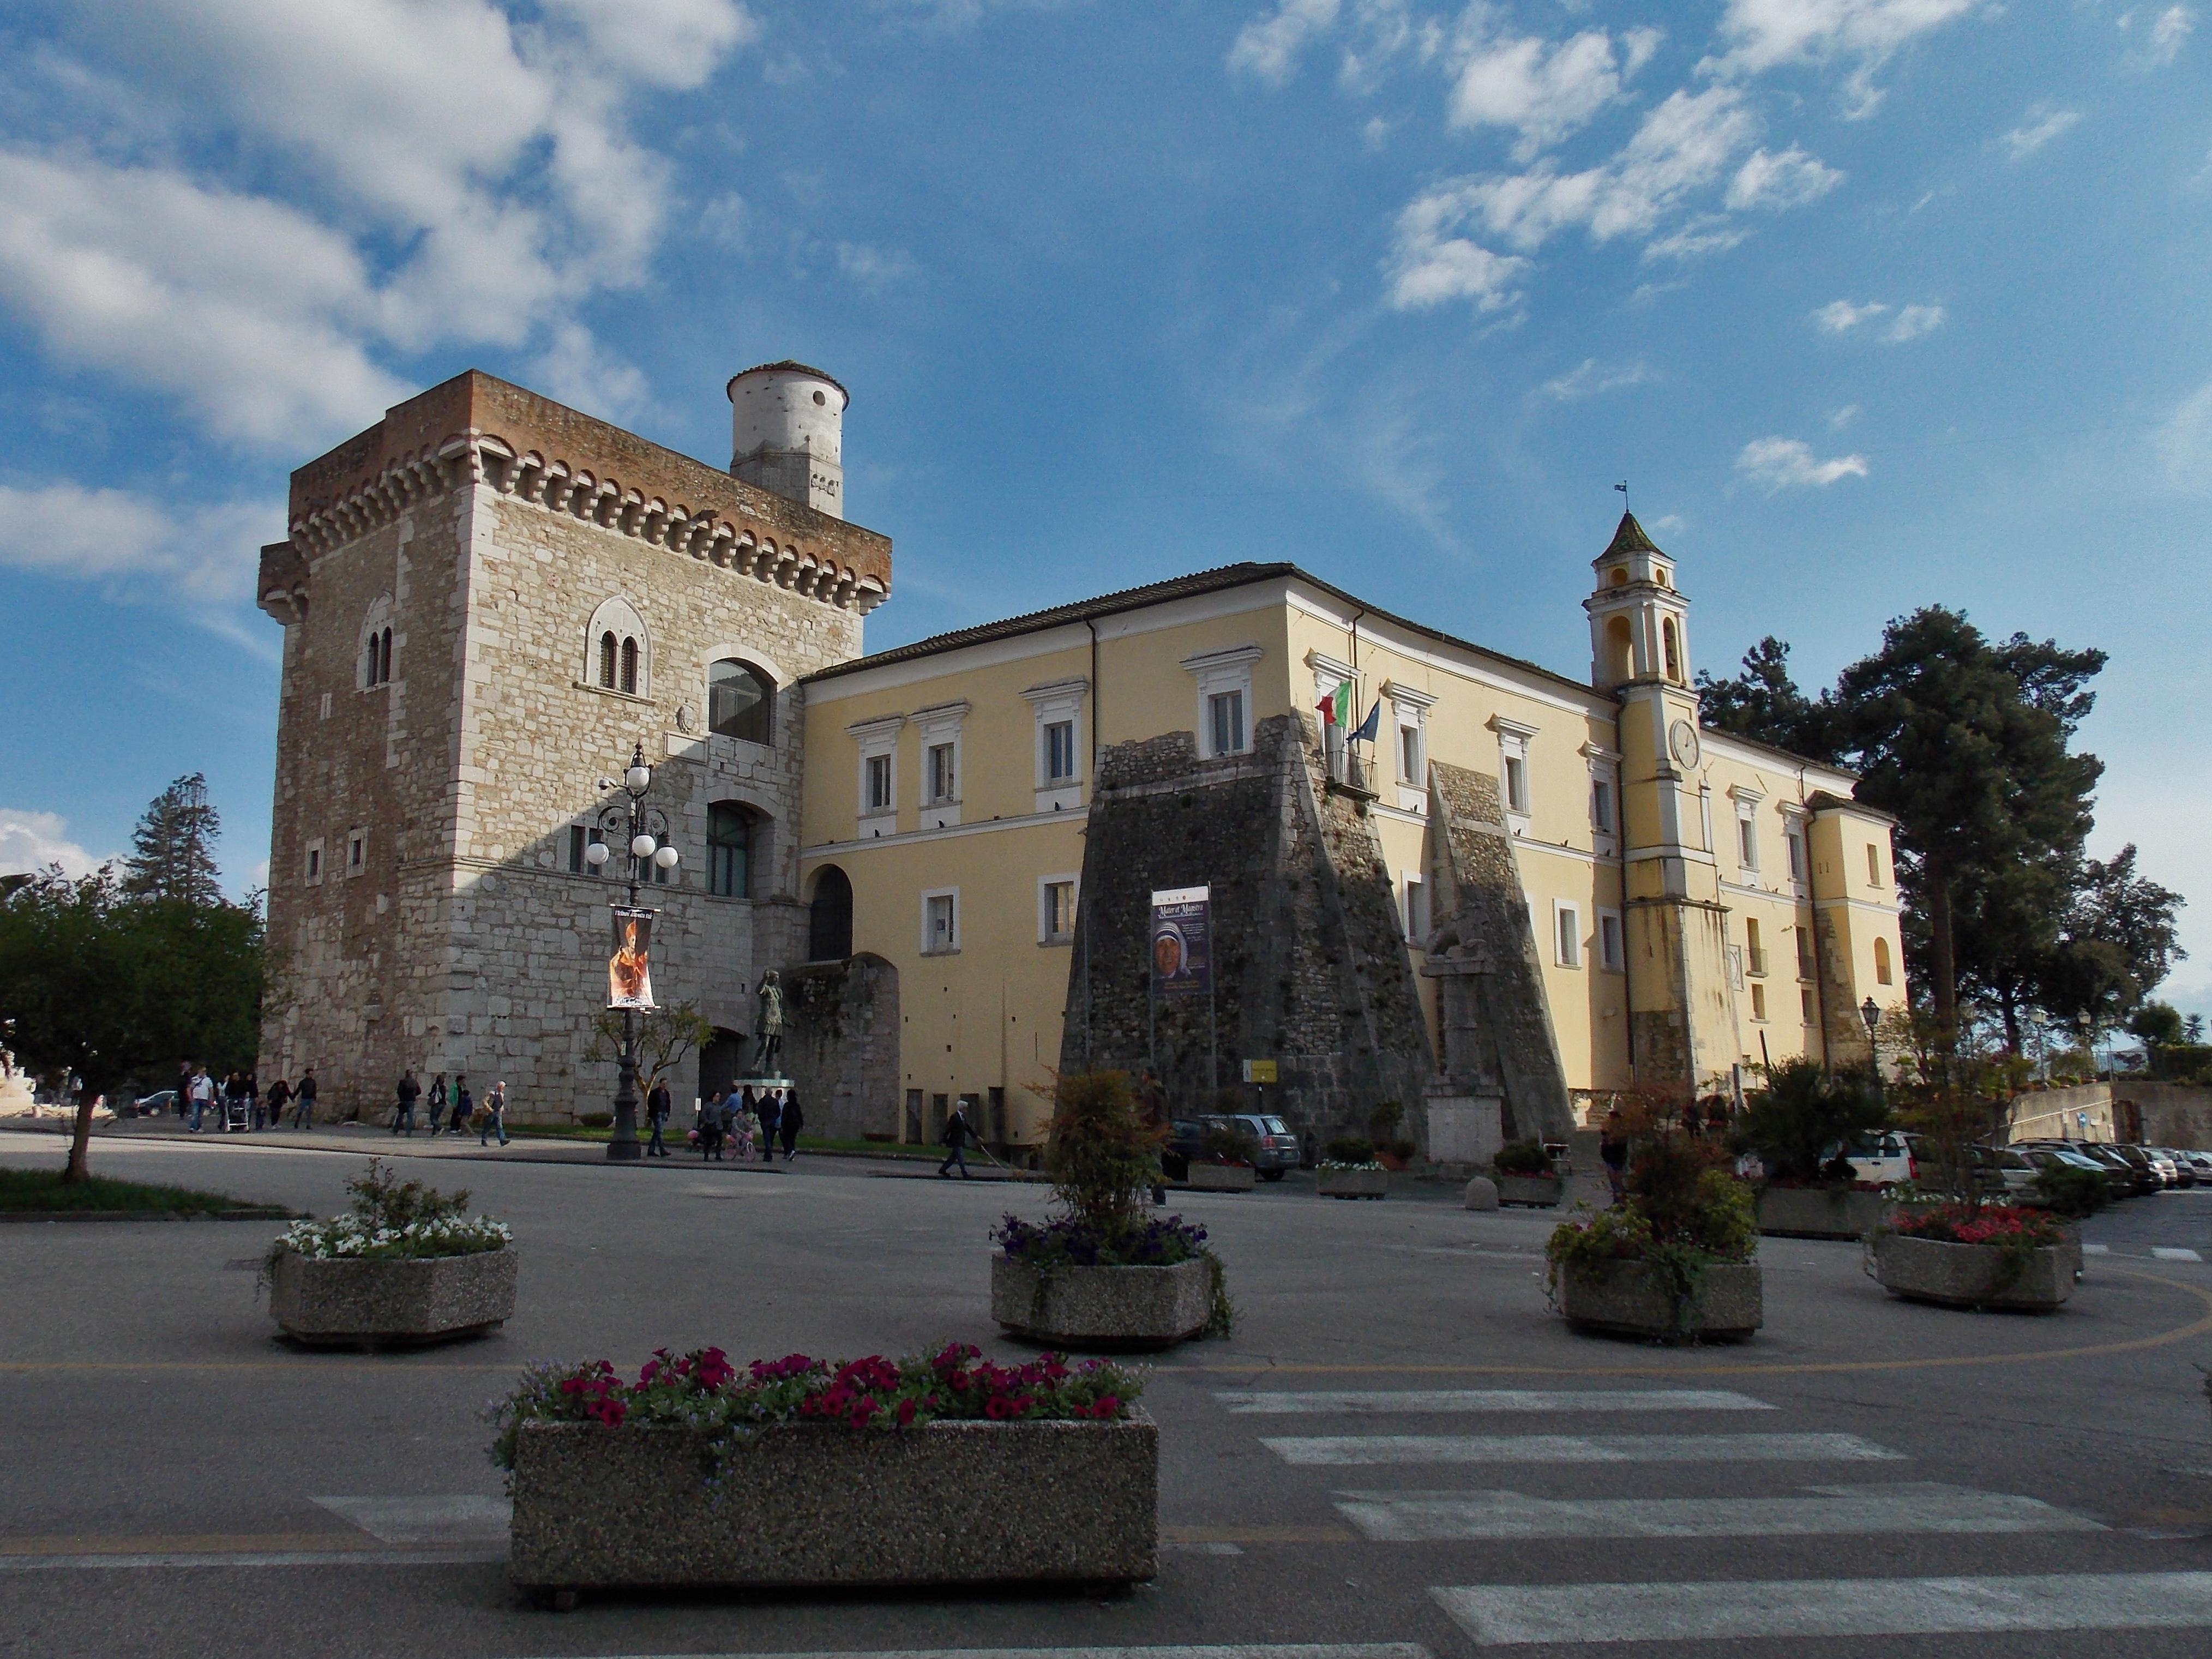 Provincia Wikipedia Presidenti Di Benevento Della LUpzjGVqSM